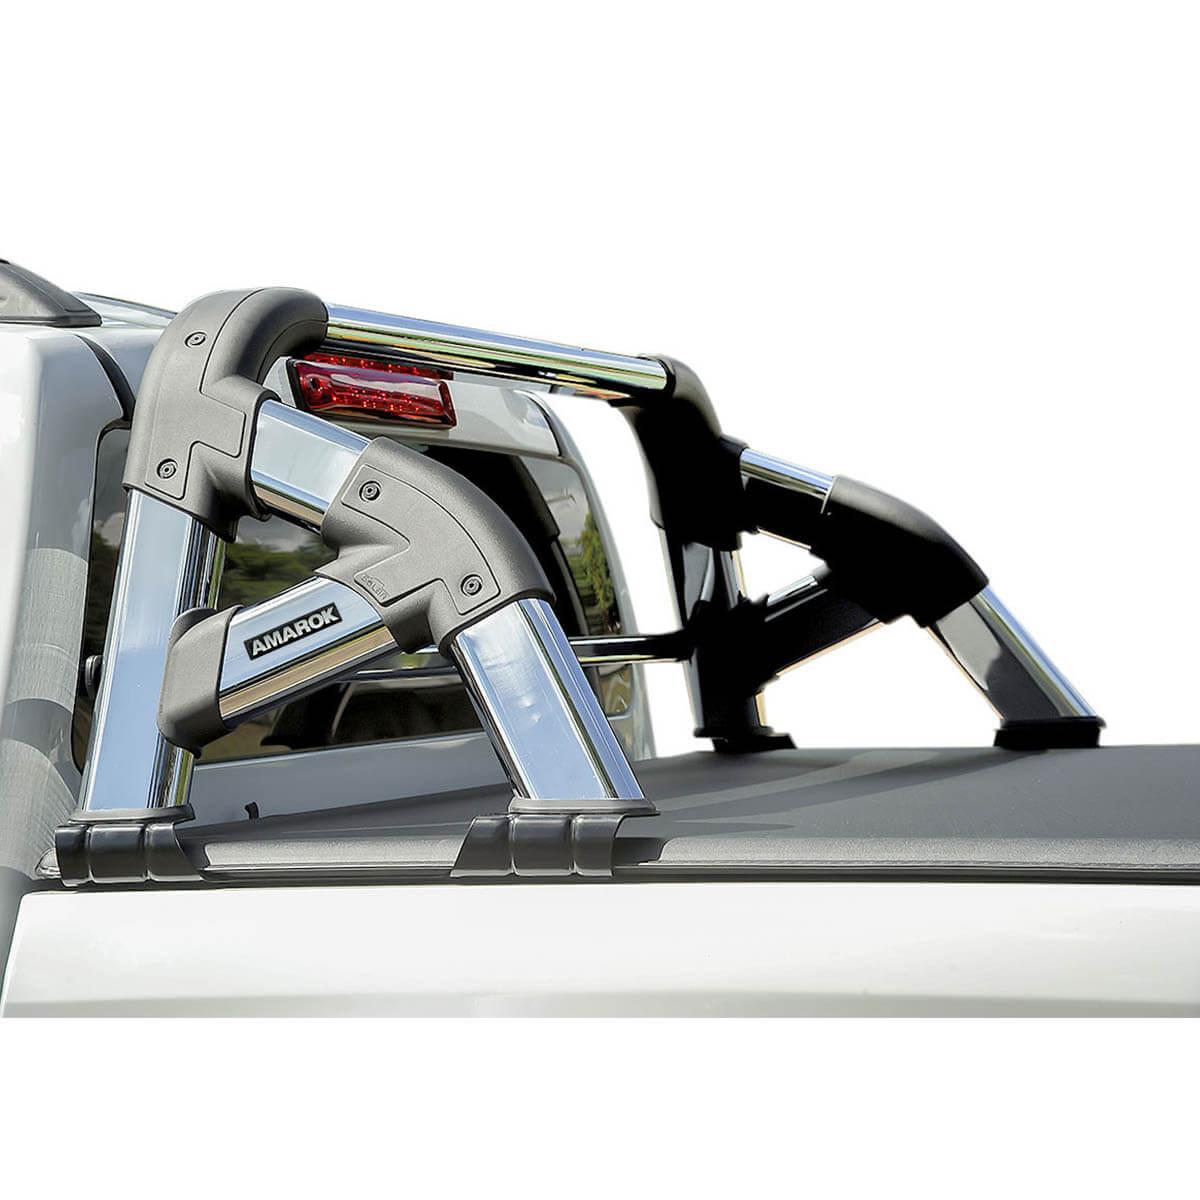 Santo antônio cromado Solar Exclusive Amarok 2011 a 2021 com barra de vidro